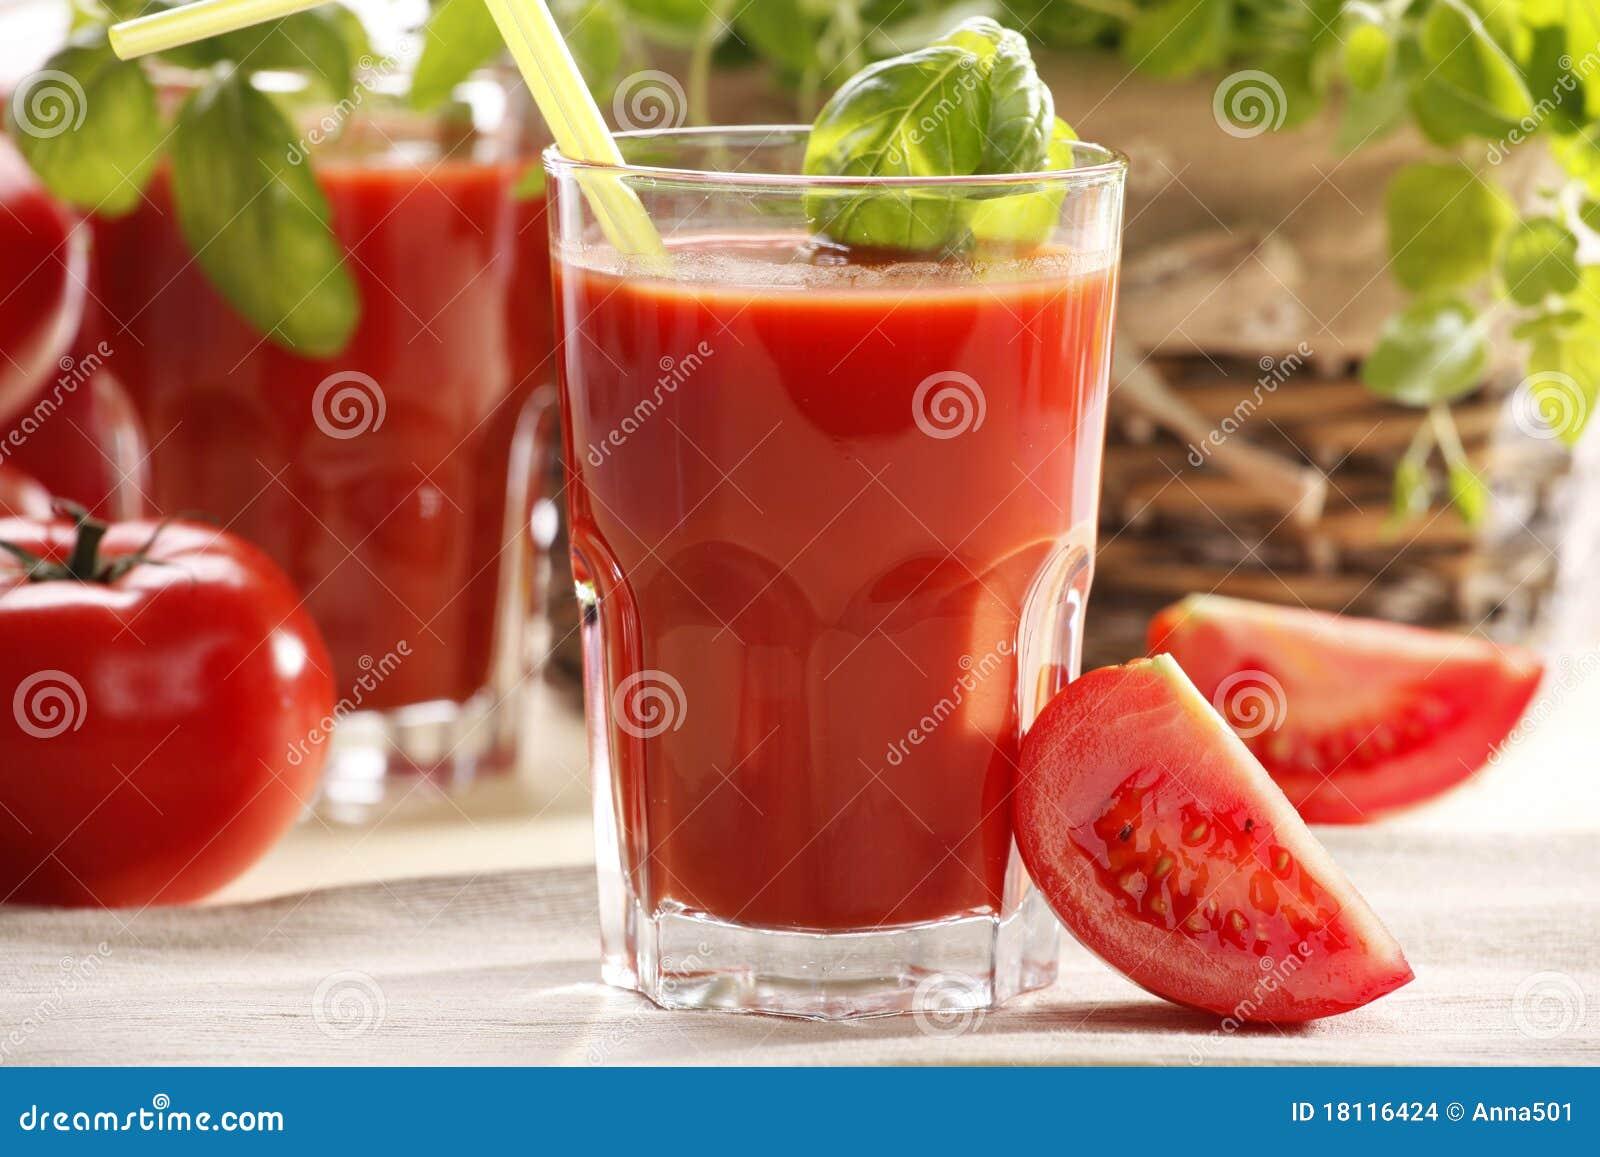 ντομάτα χυμού